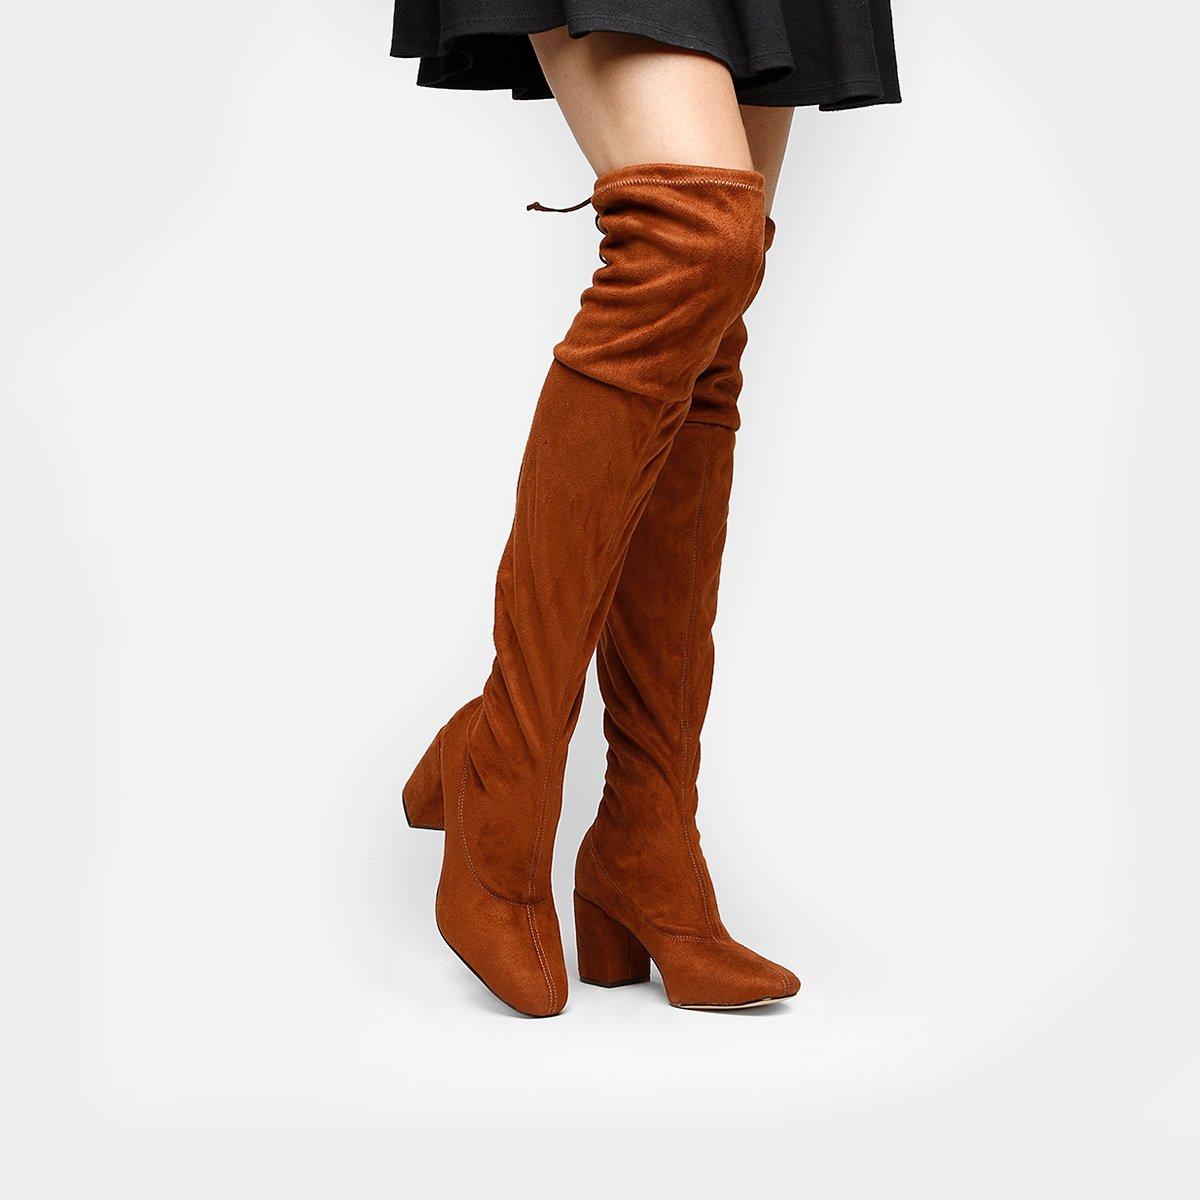 85151a5fb0a Bota Meia Over The Knee Shoestock Salto Grosso Feminina - Caramelo - Compre  Agora